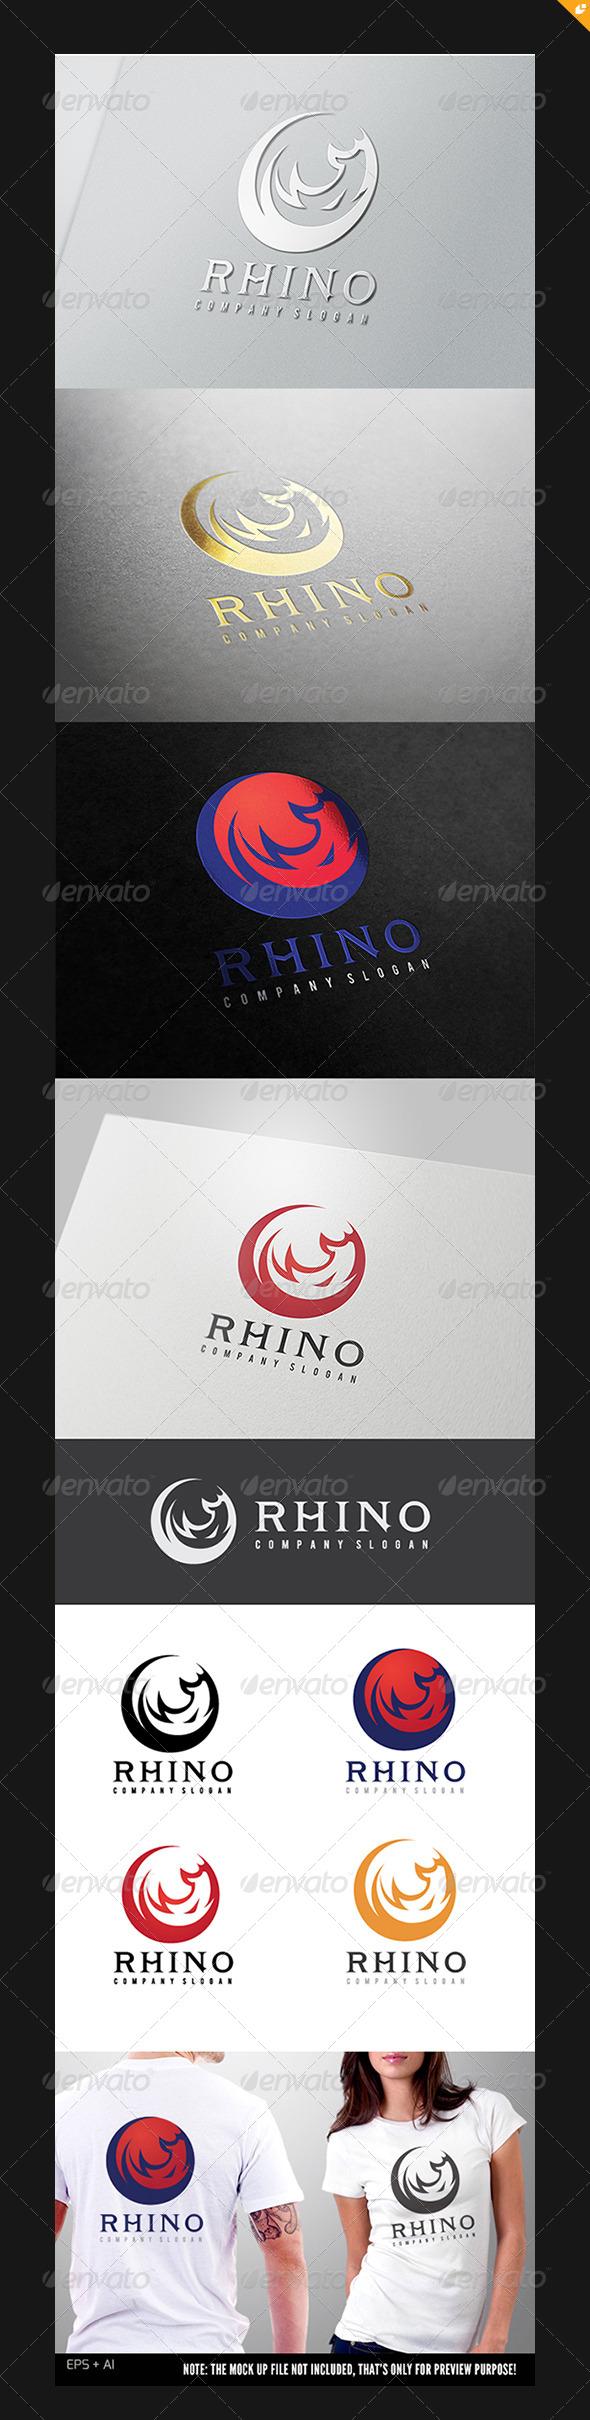 GraphicRiver Rhino V1 5718013